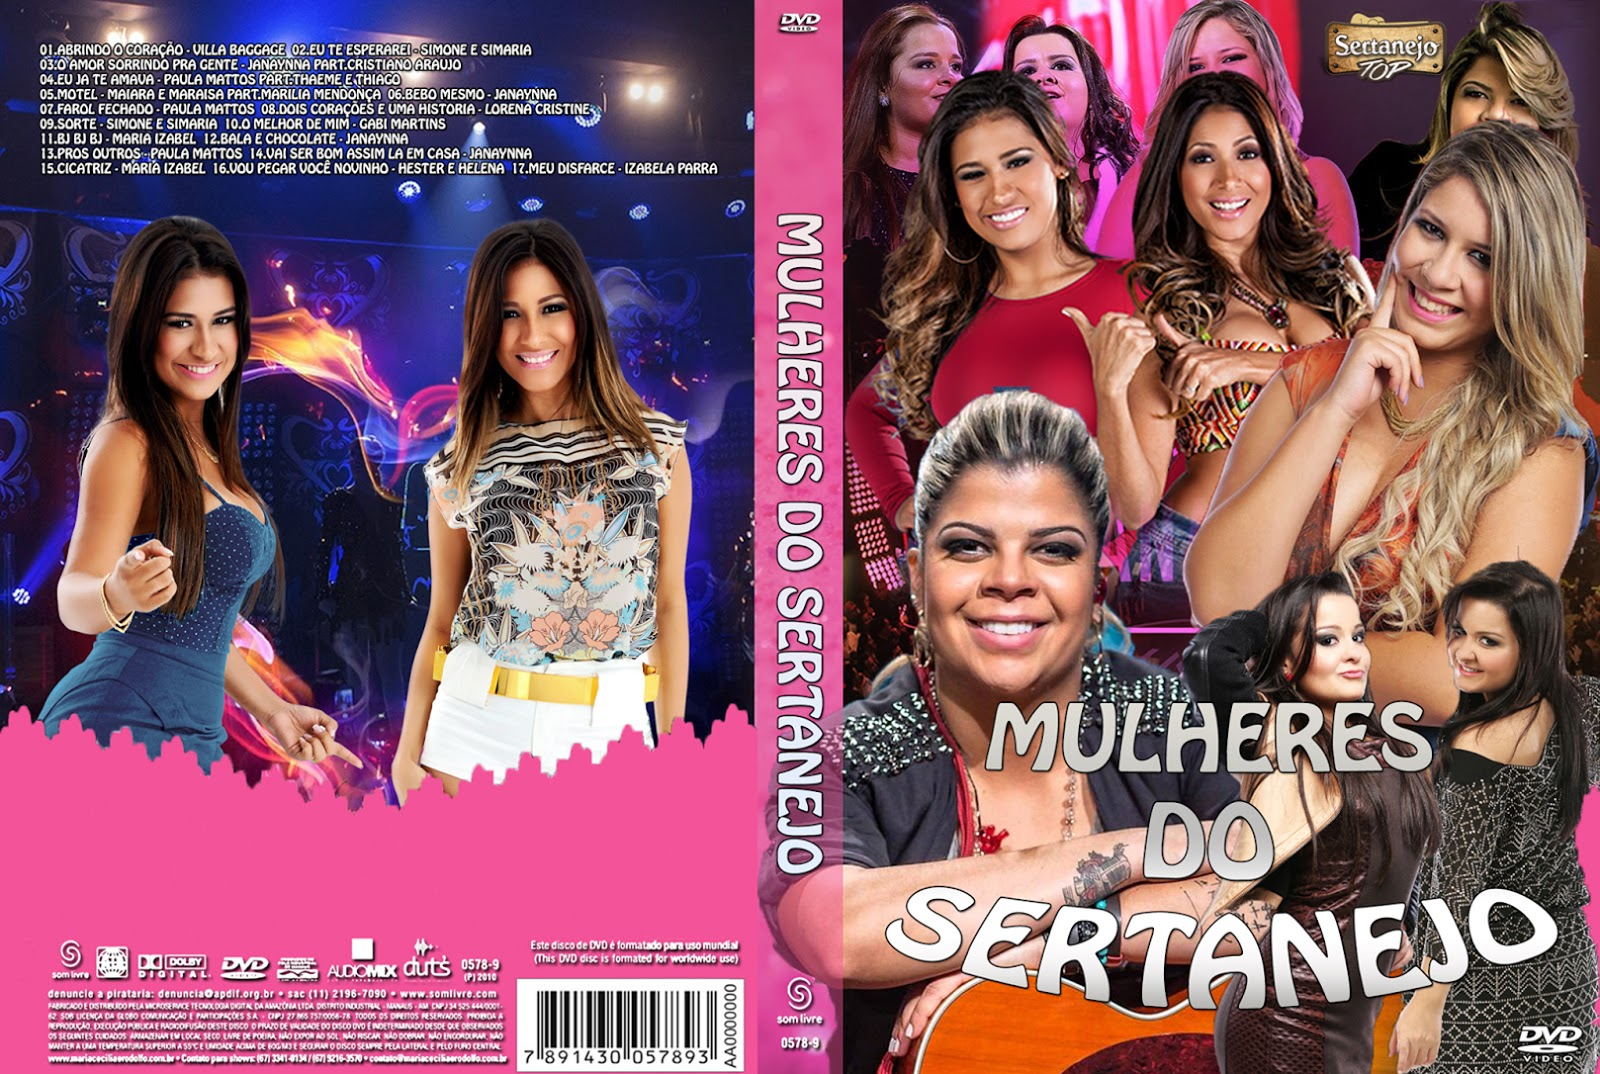 Mulheres Do Sertanejo 2016 DVDRip + DVD-R Mulheres 2BDo 2BSertanejo 2B2016 2B  2BXANDAO 2BDOWNLOAD